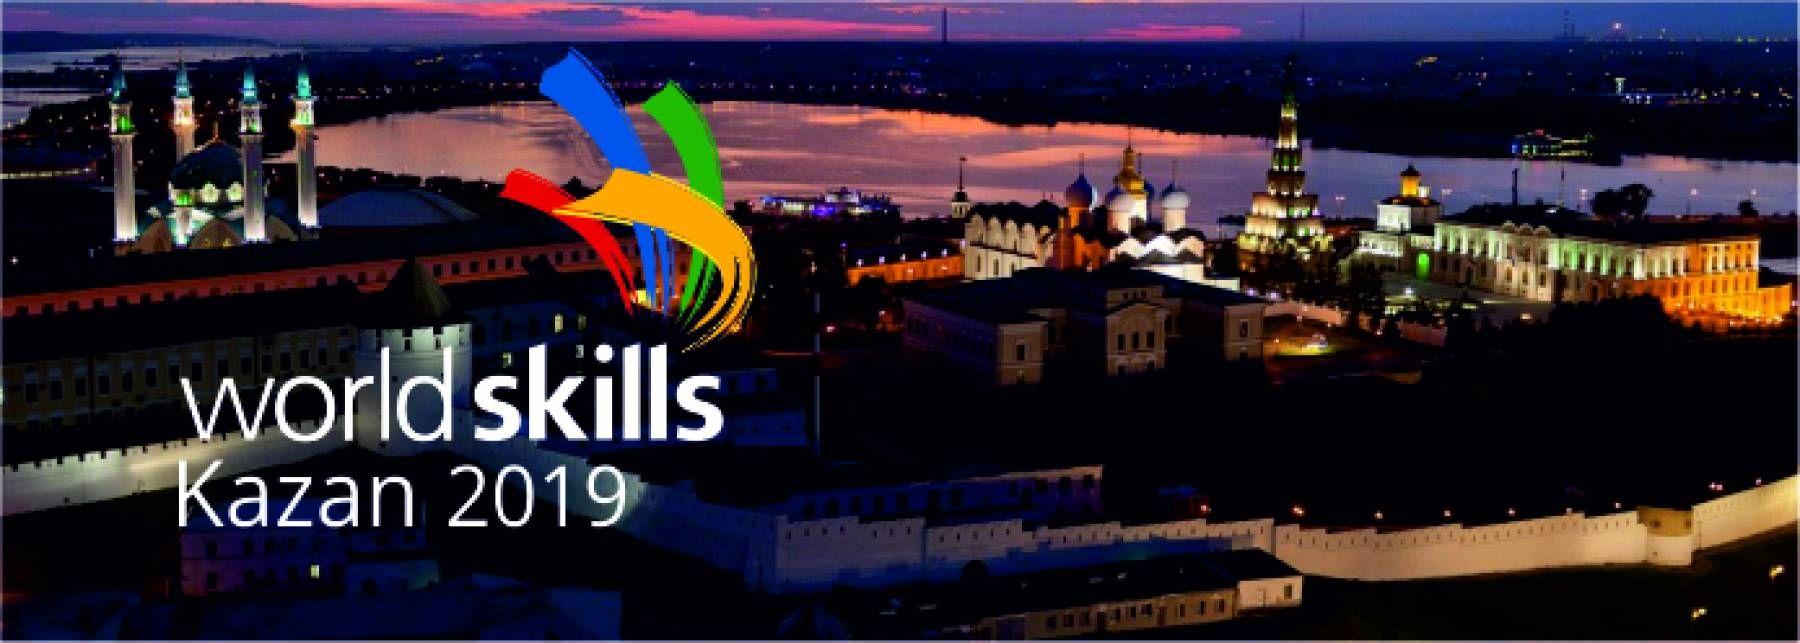 worldskills 2019 kazan